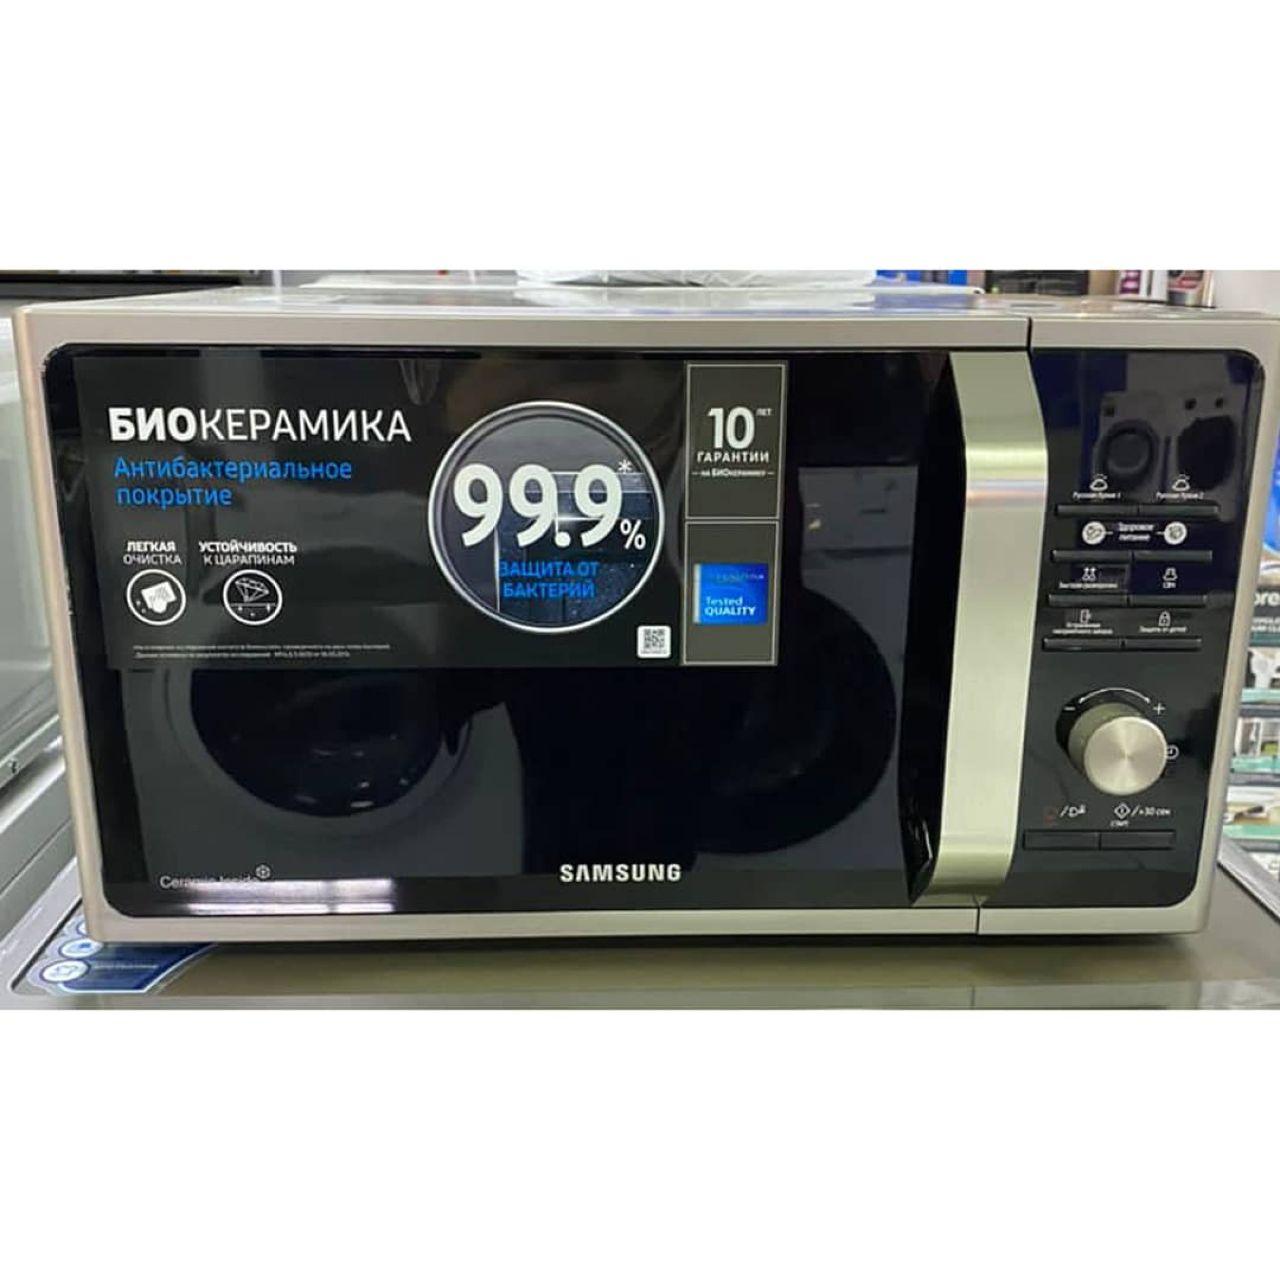 Микроволновка Samsung мощностью 800 Вт